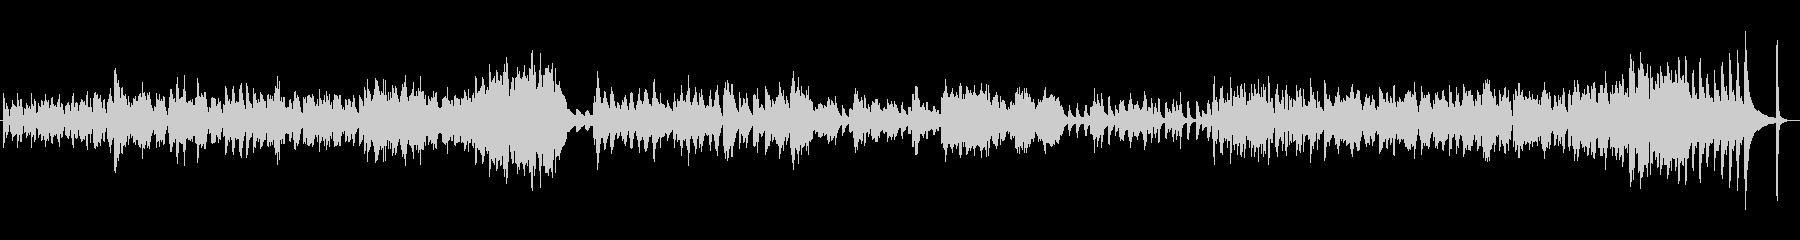 ドビュッシー小組曲2番「行列」の未再生の波形